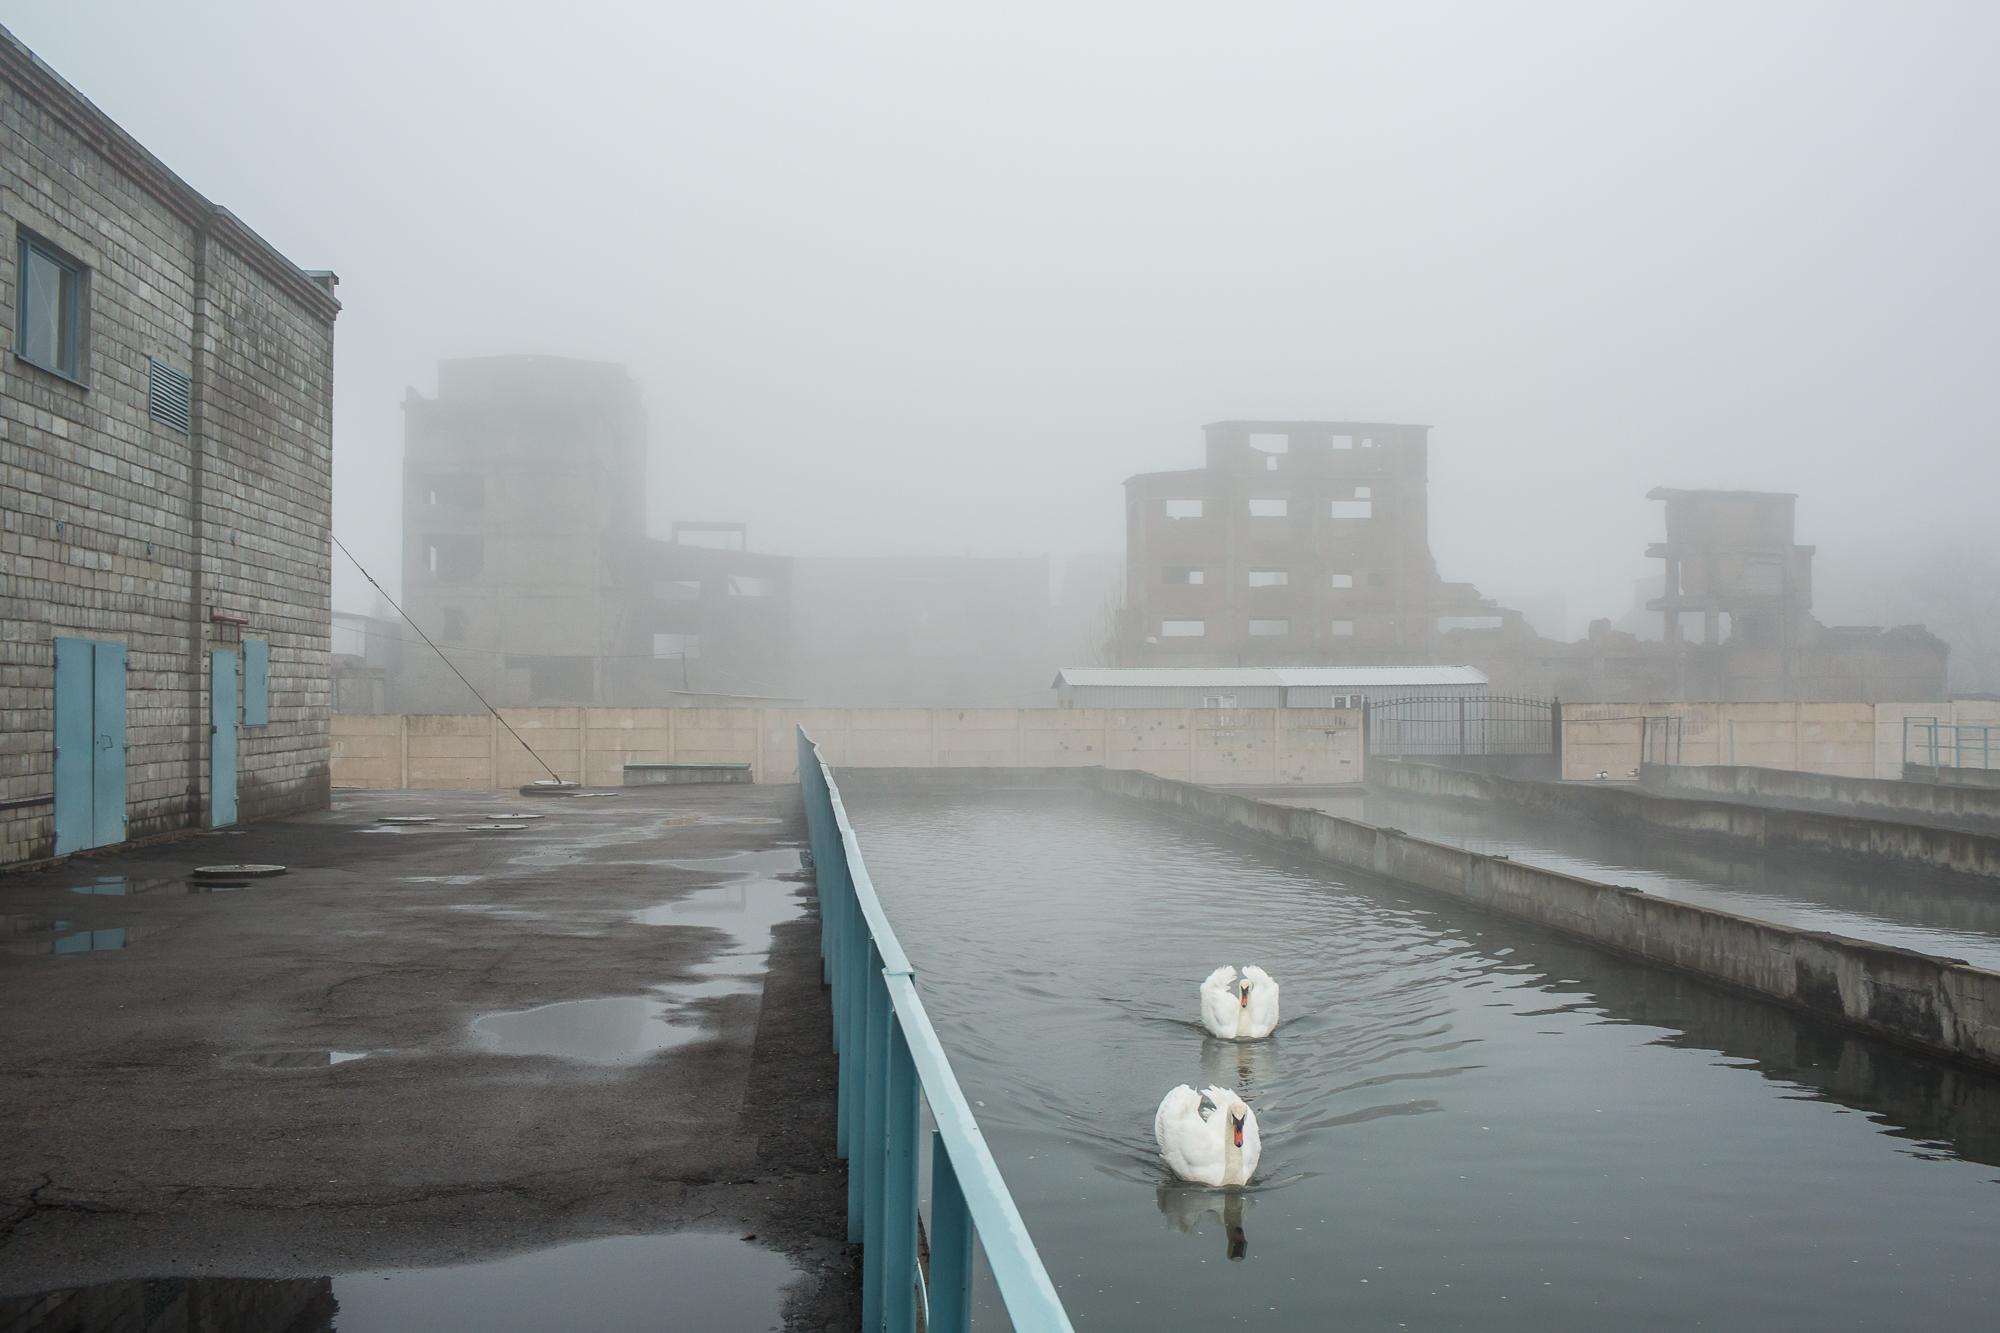 Swans, Eastern Ukraine